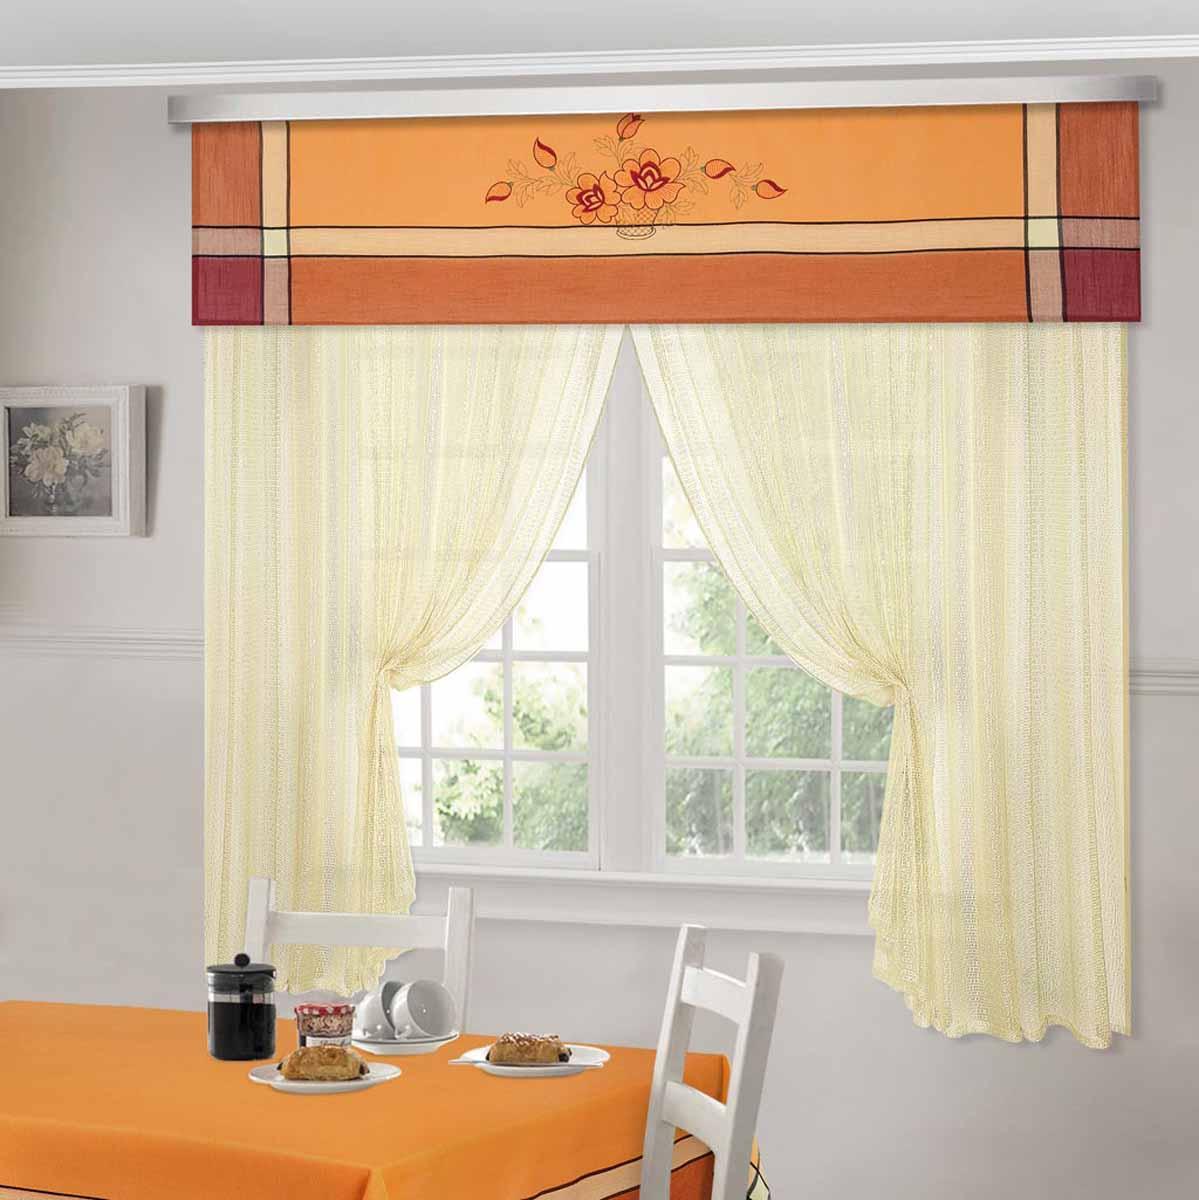 Комплект штор ТД Текстиль Шик, на ленте, цвет: оранжевый, высота 180 см. 92528